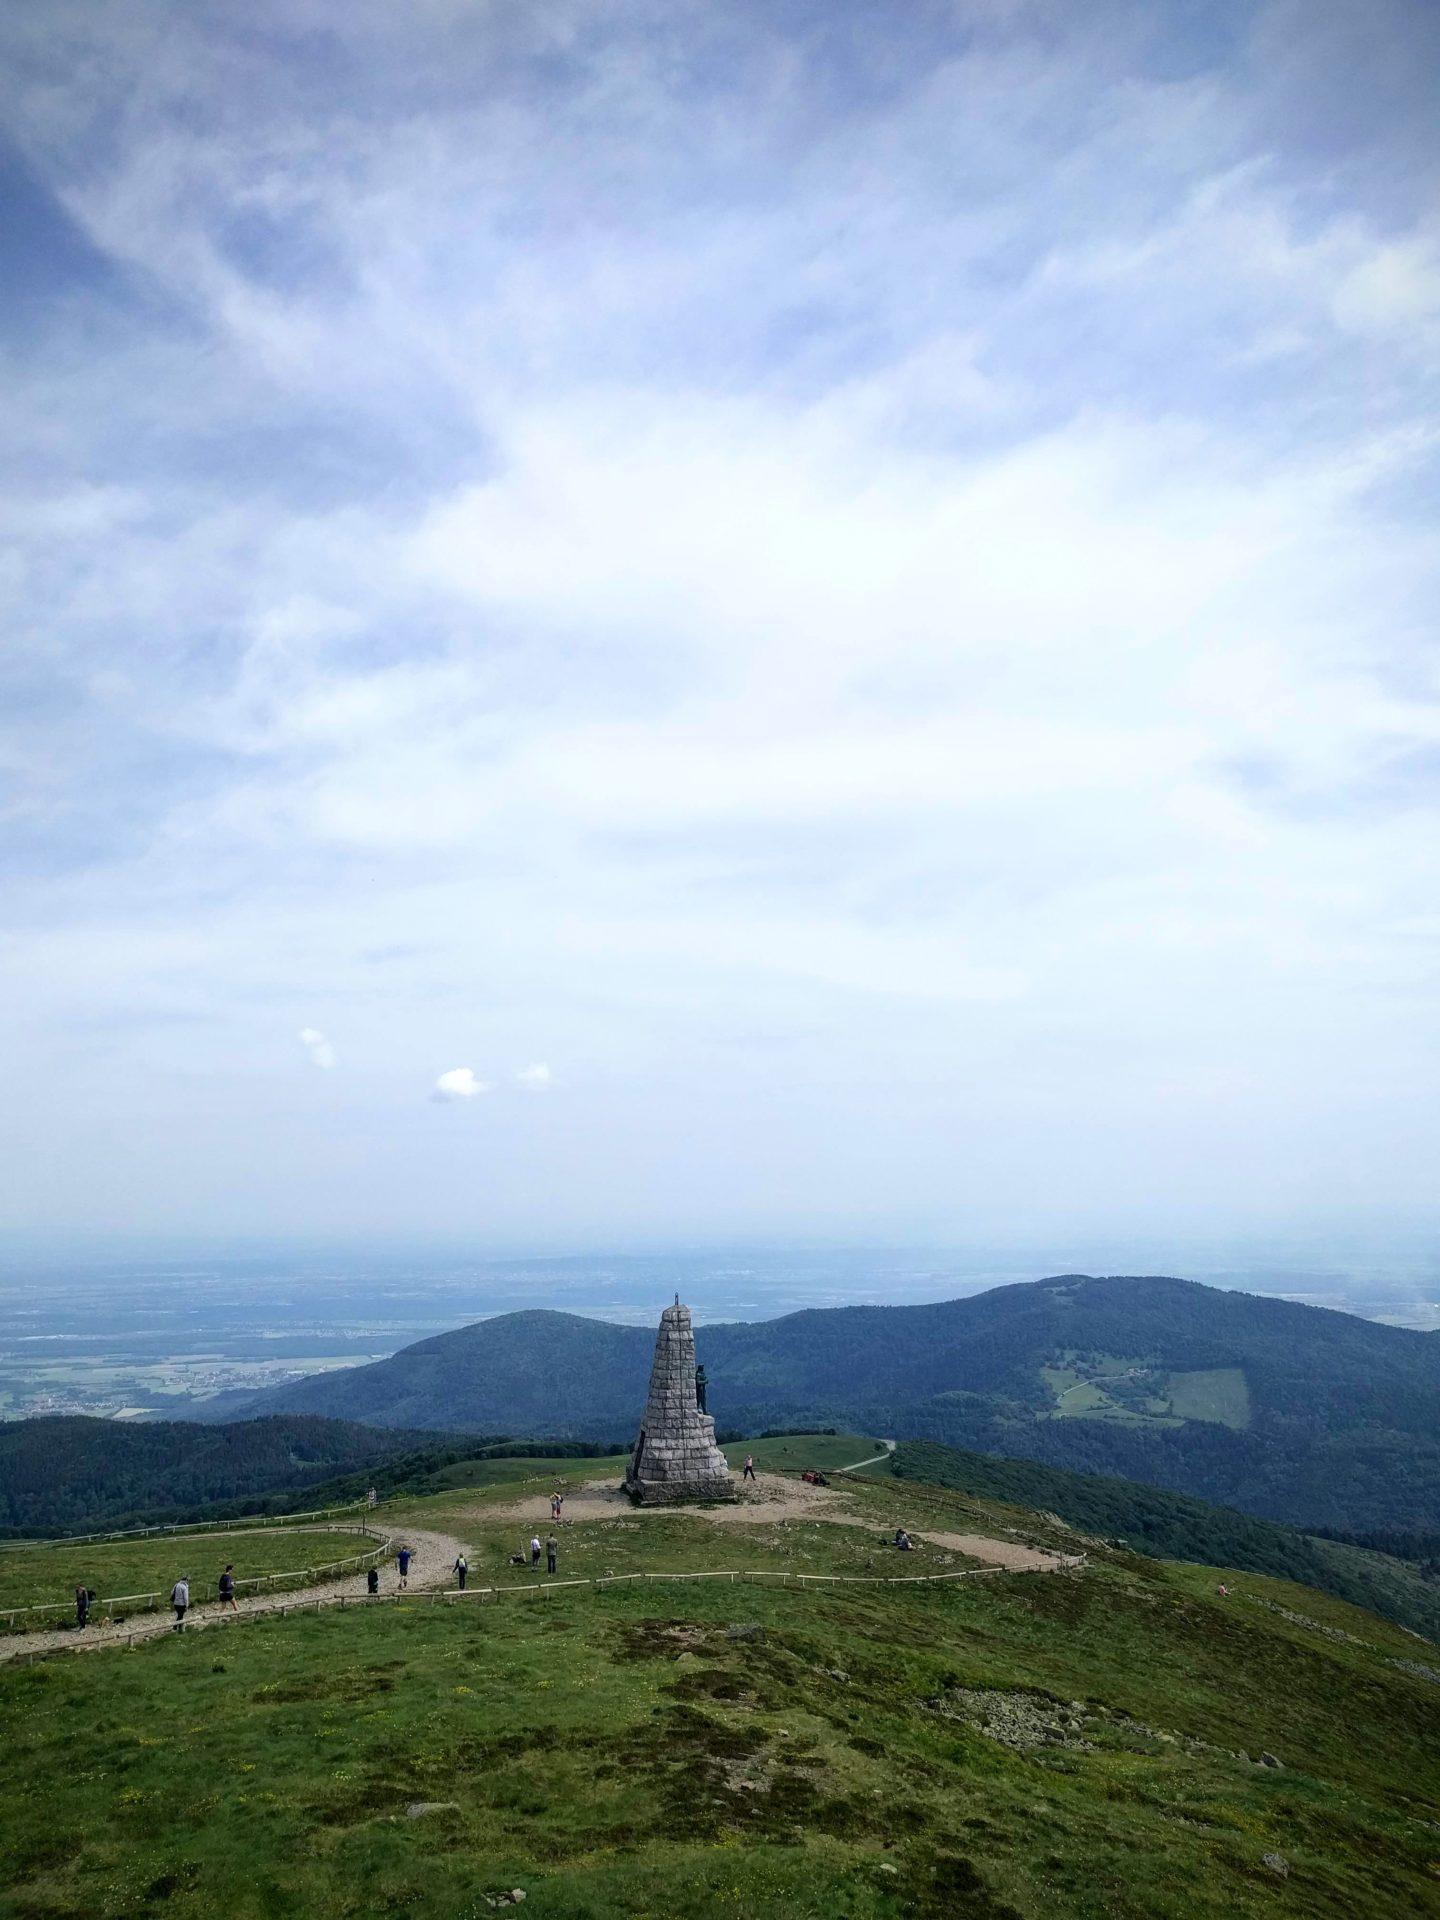 Le Monuments des Diables Bleus sur le Grand Ballon dans les Vosges